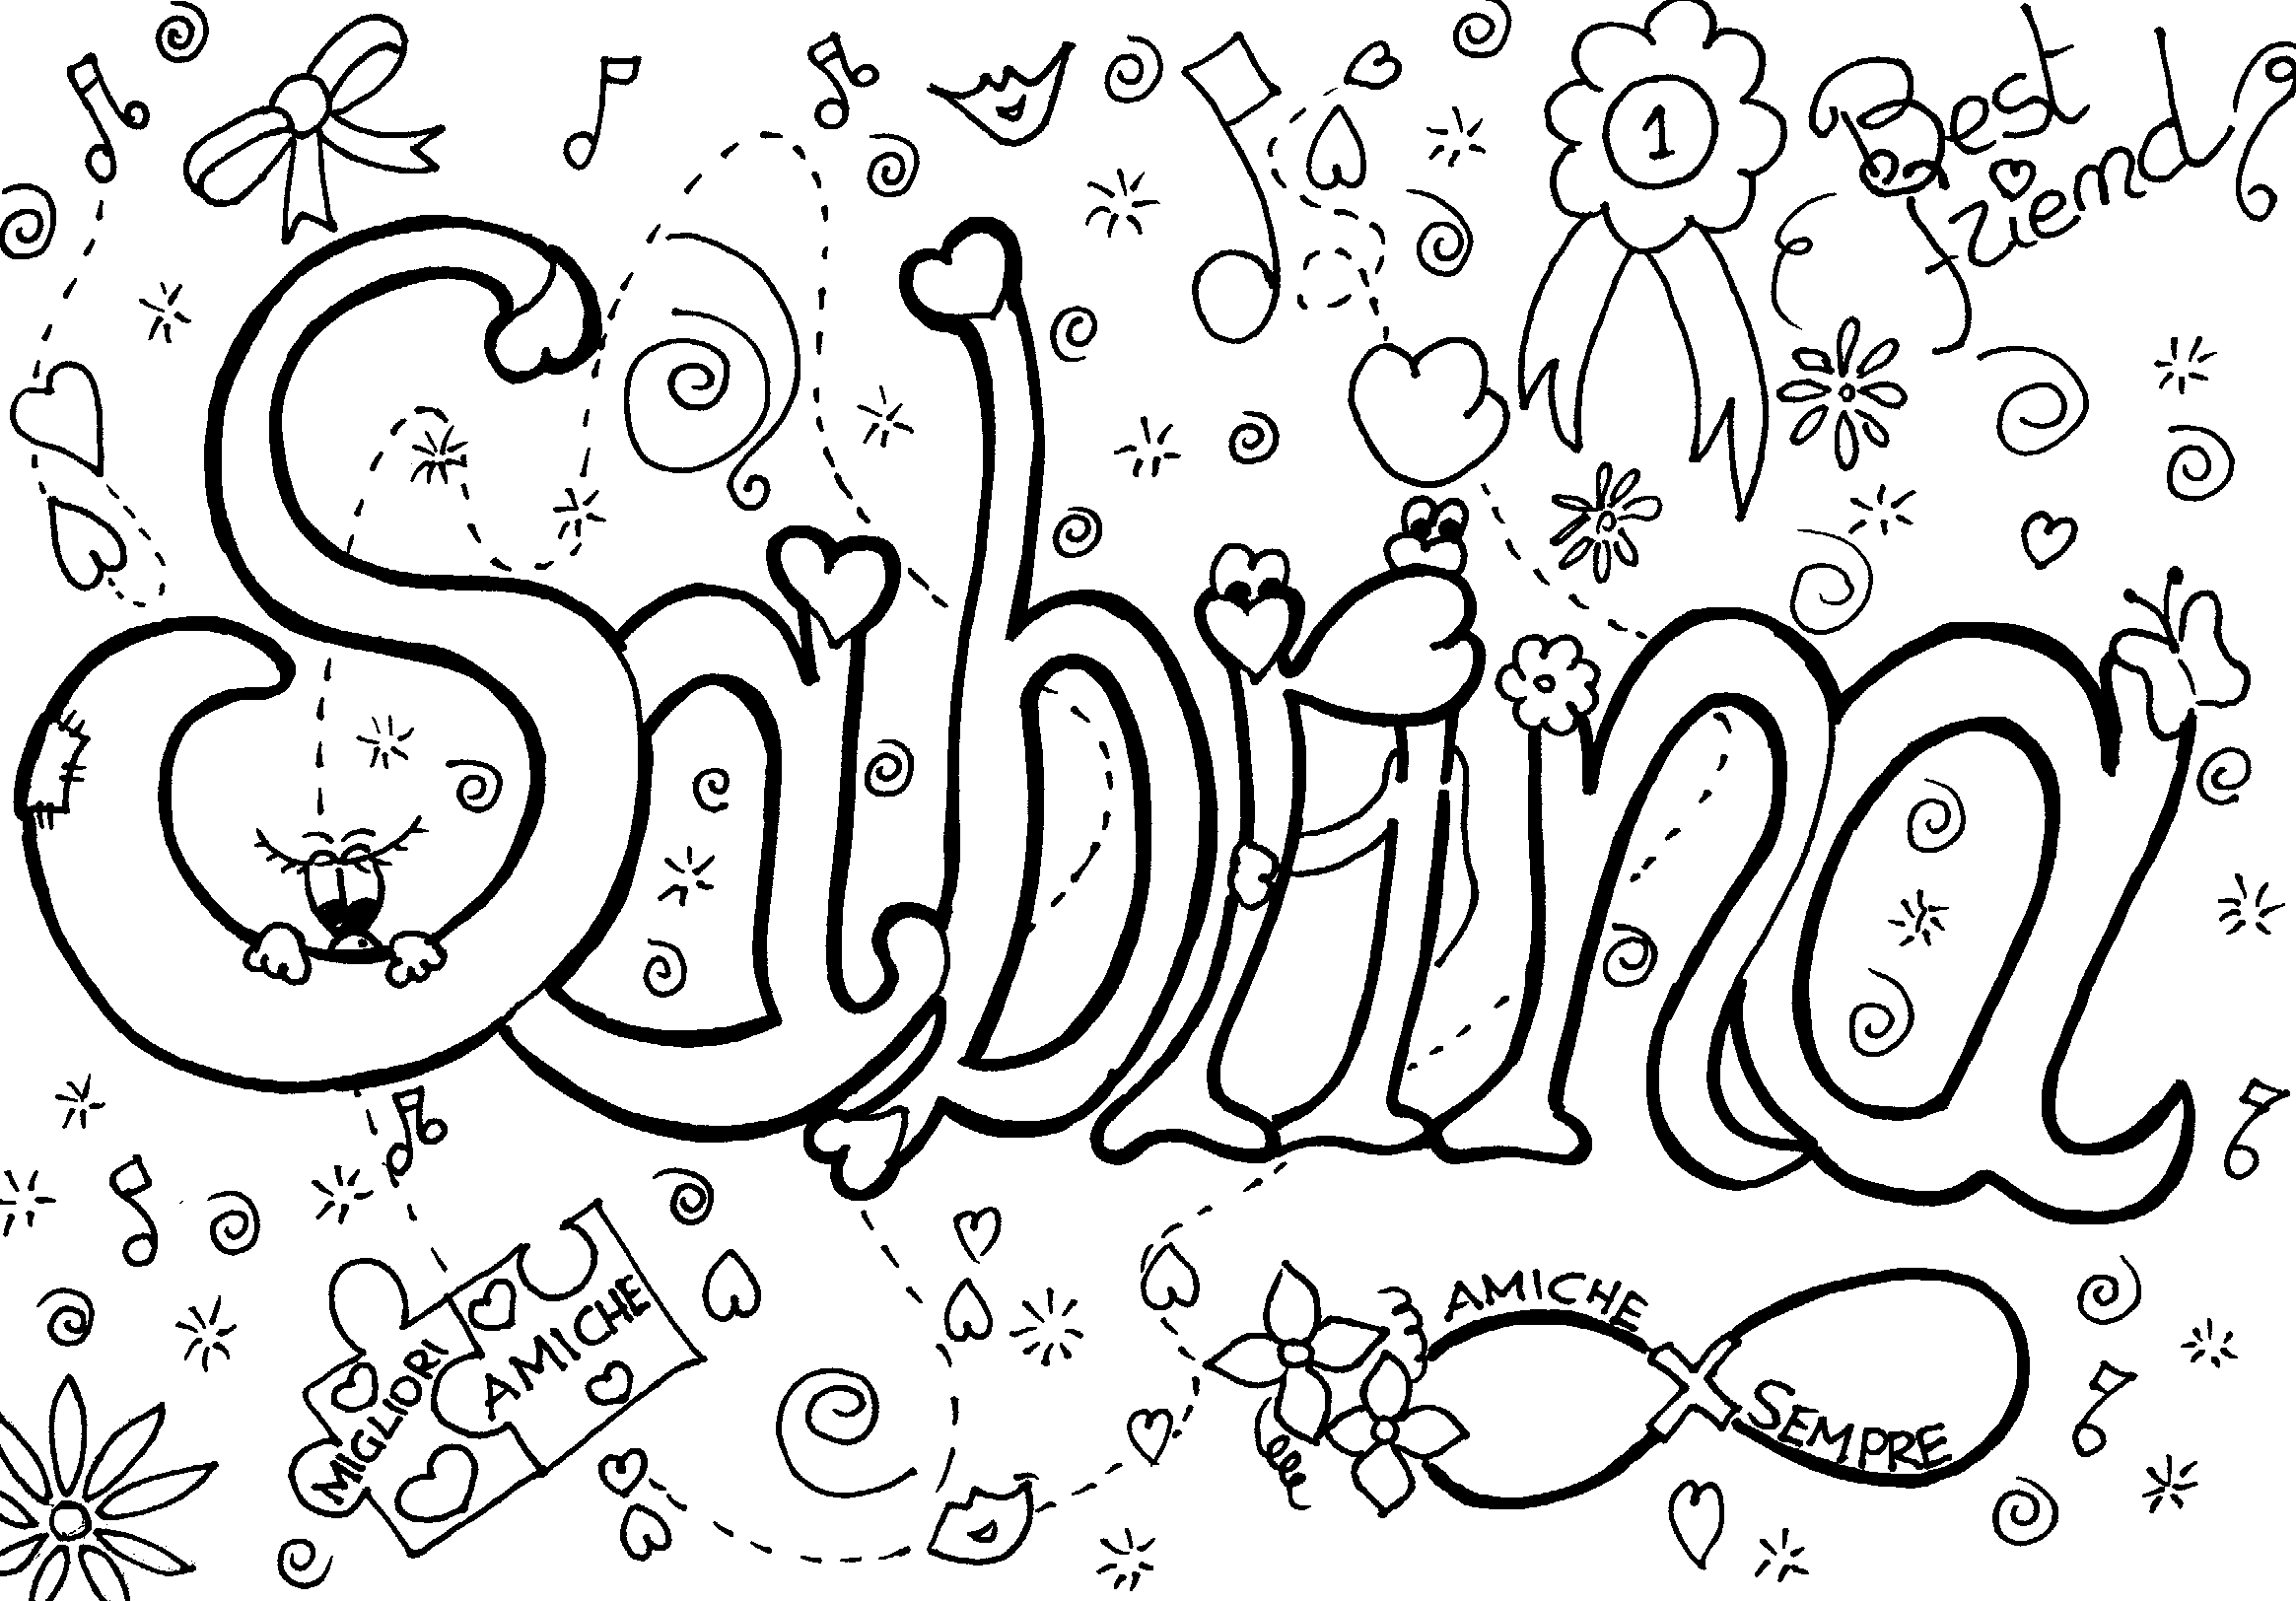 Colora il tuo nome sabrina 1 for Disegni di due migliori amiche